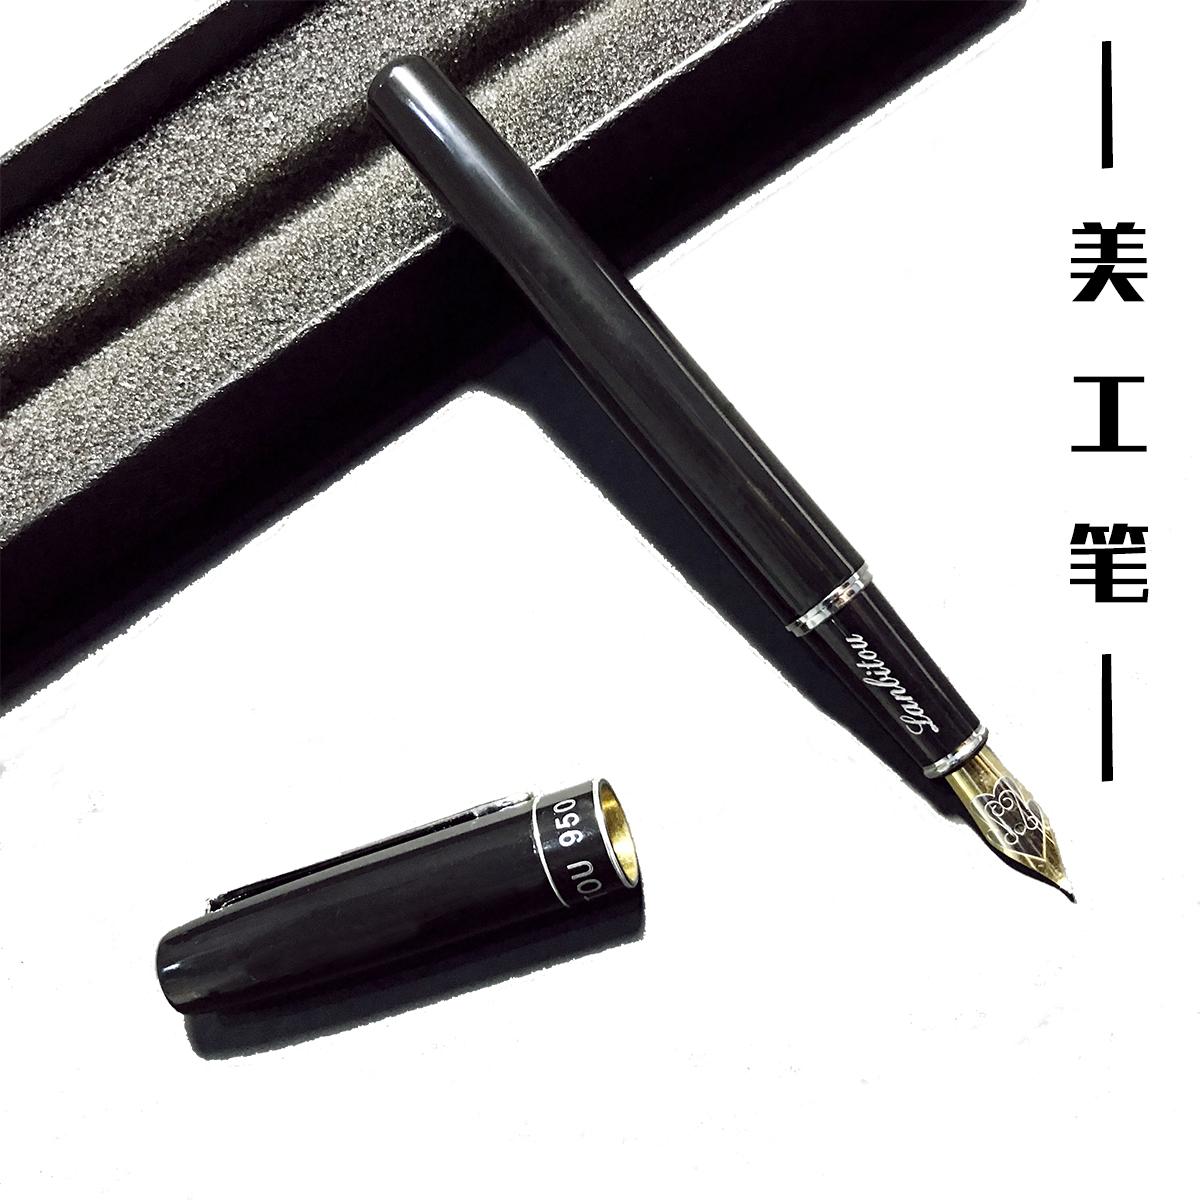 何之年同款 办公练字弯尖美工钢笔 书法钢笔